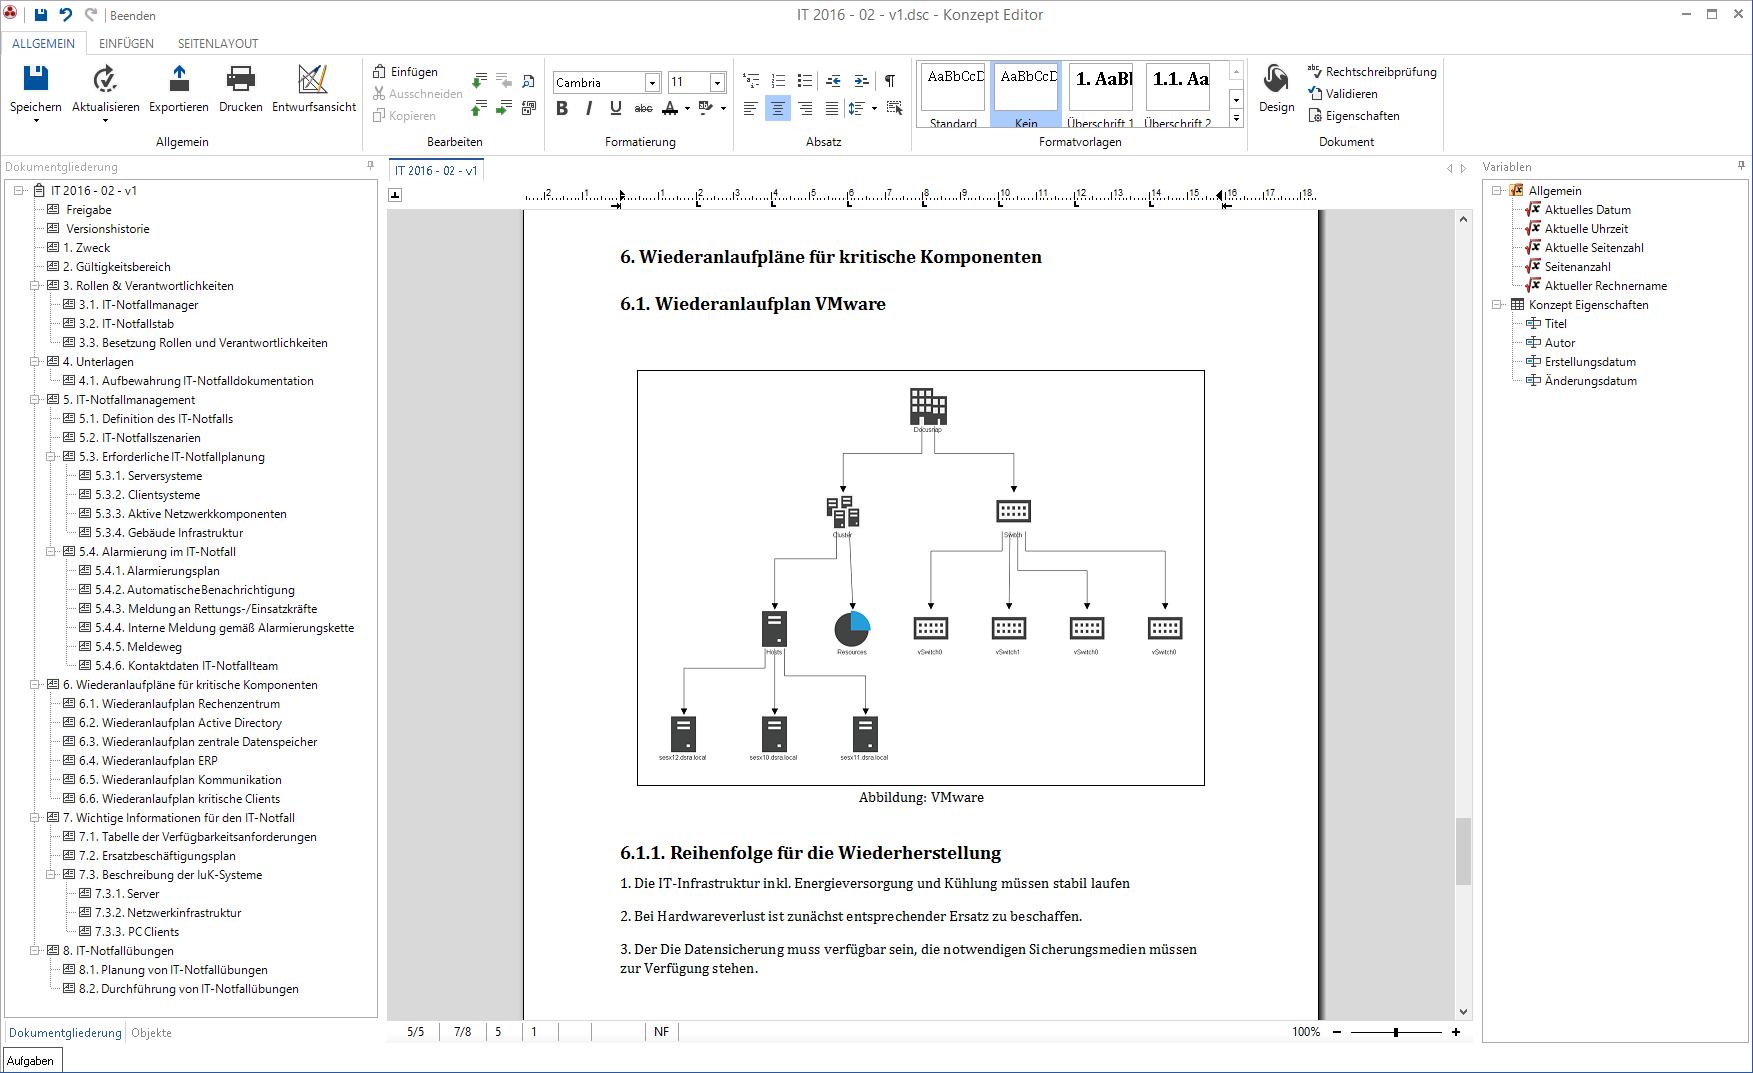 testVon der Inventarisierung zum IT-Konzept